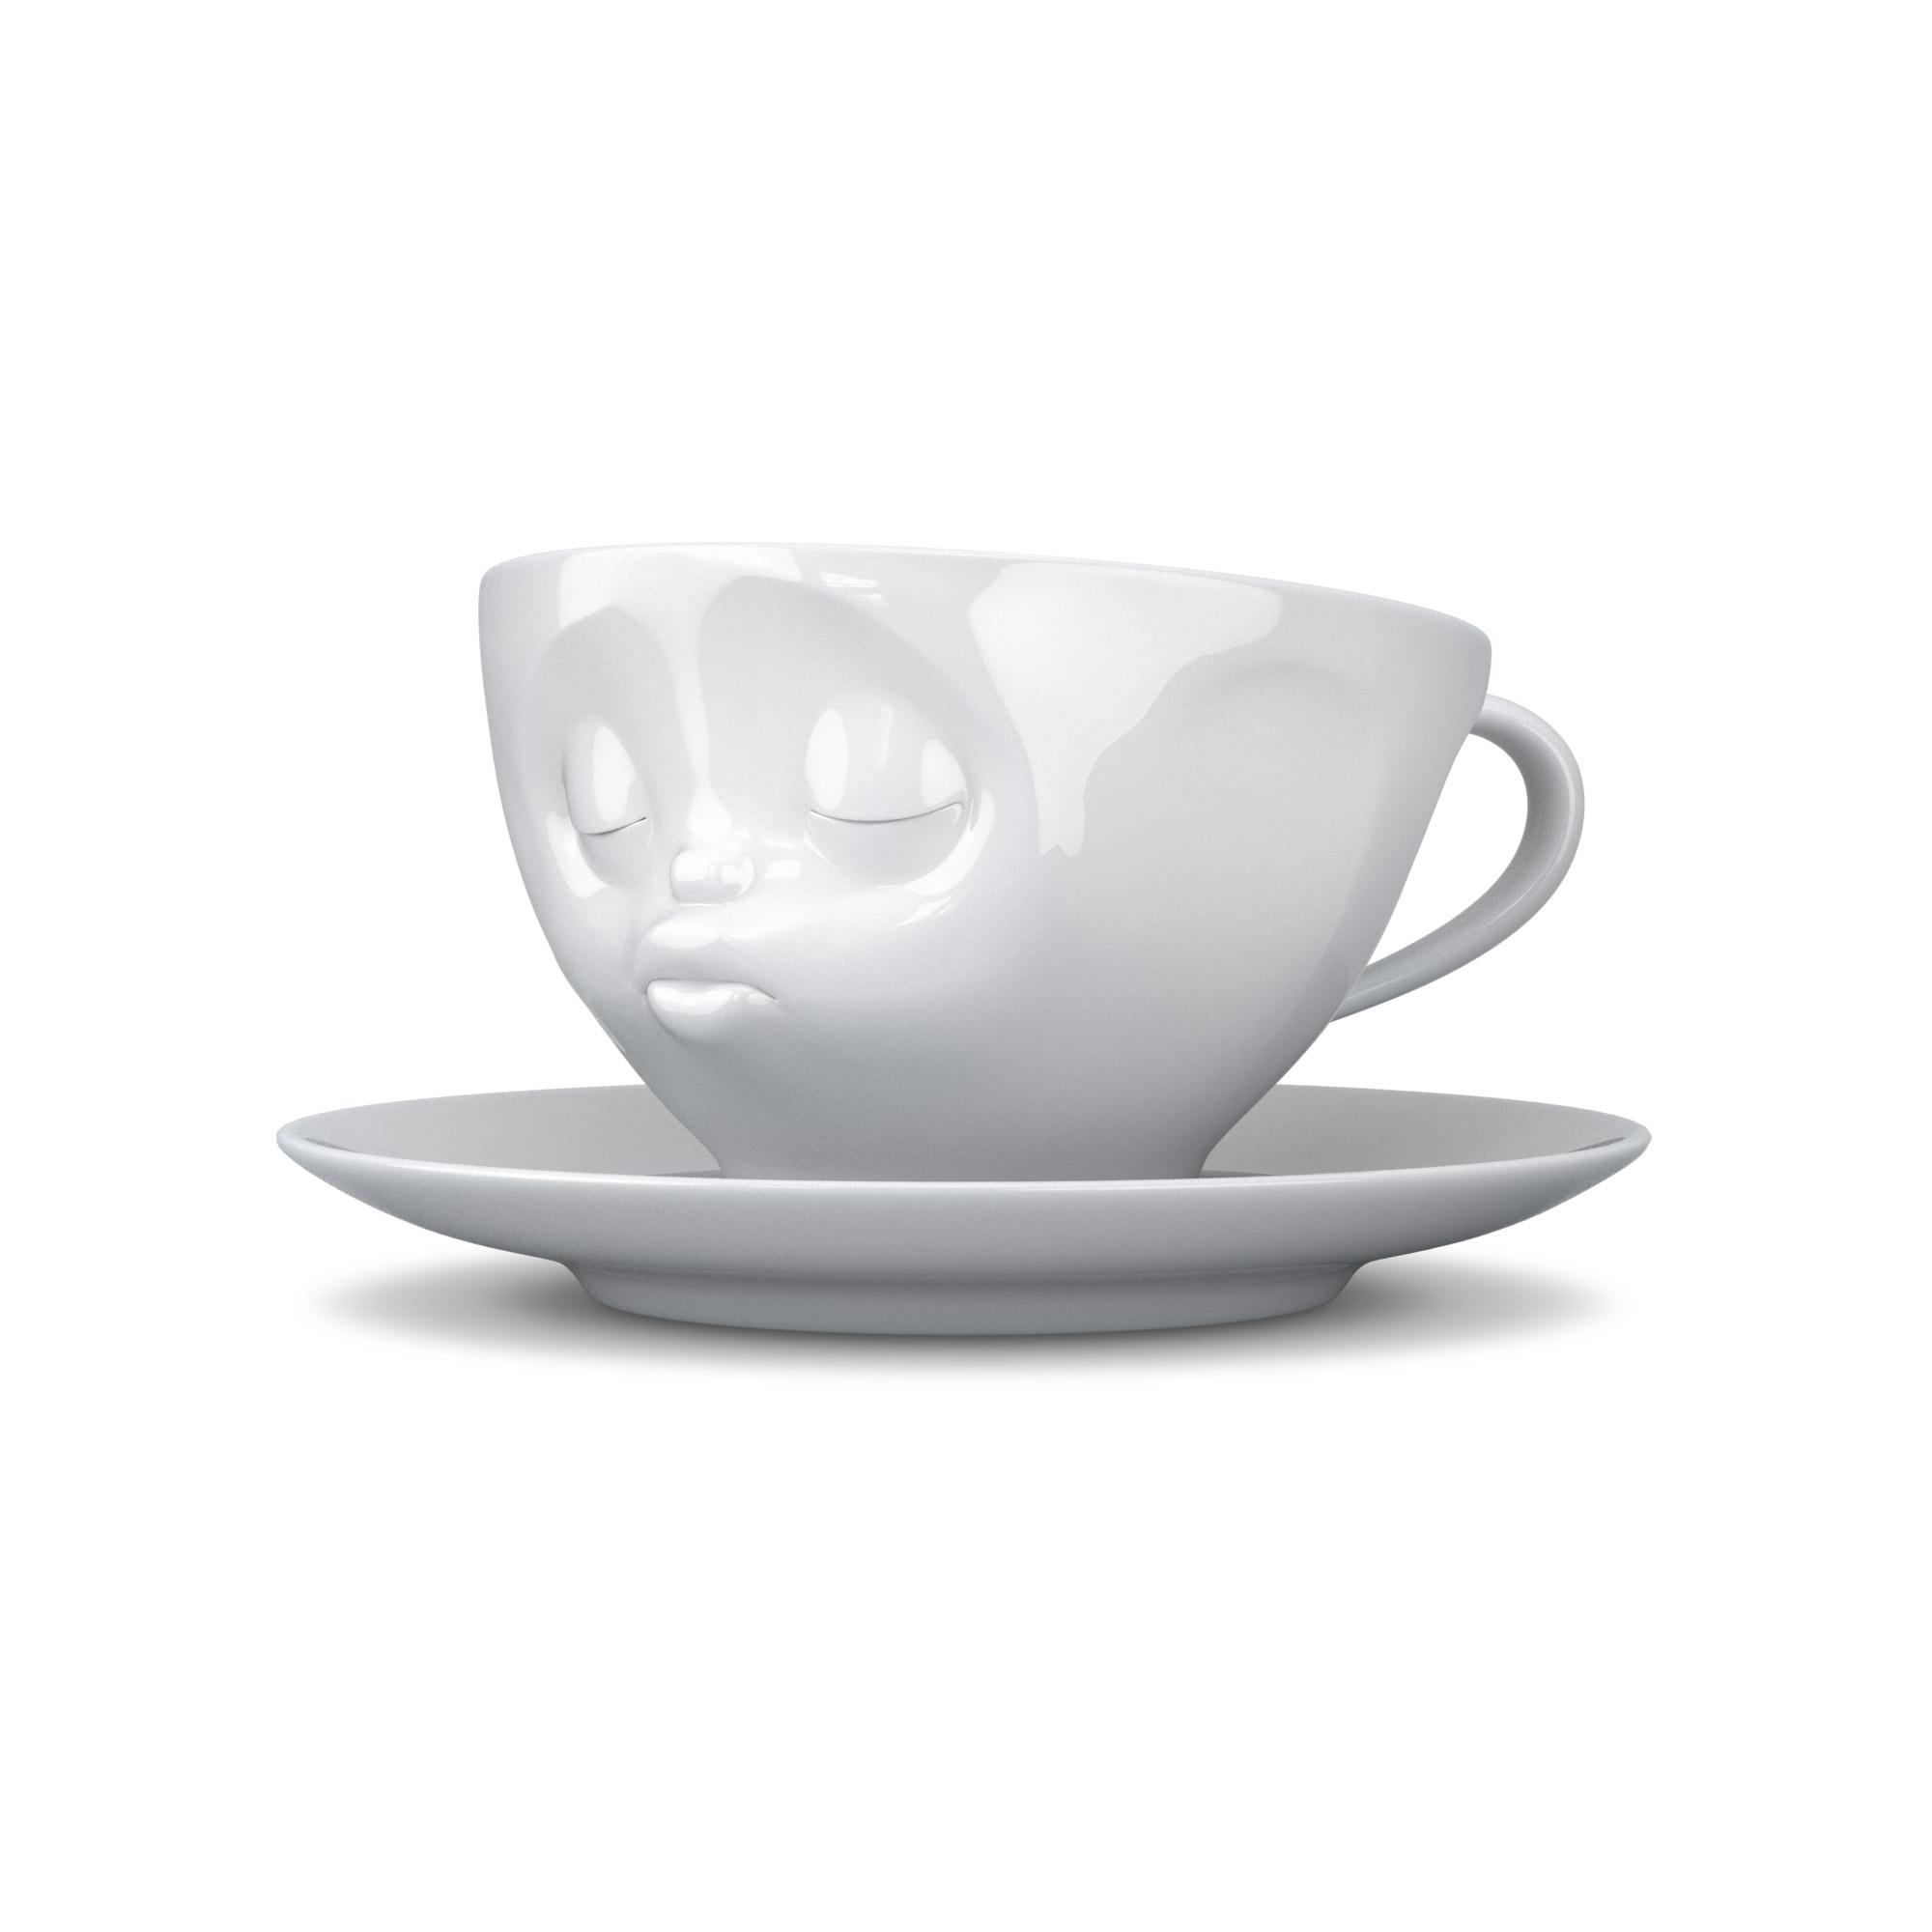 KaffeeTasse-Kuss-Weiß